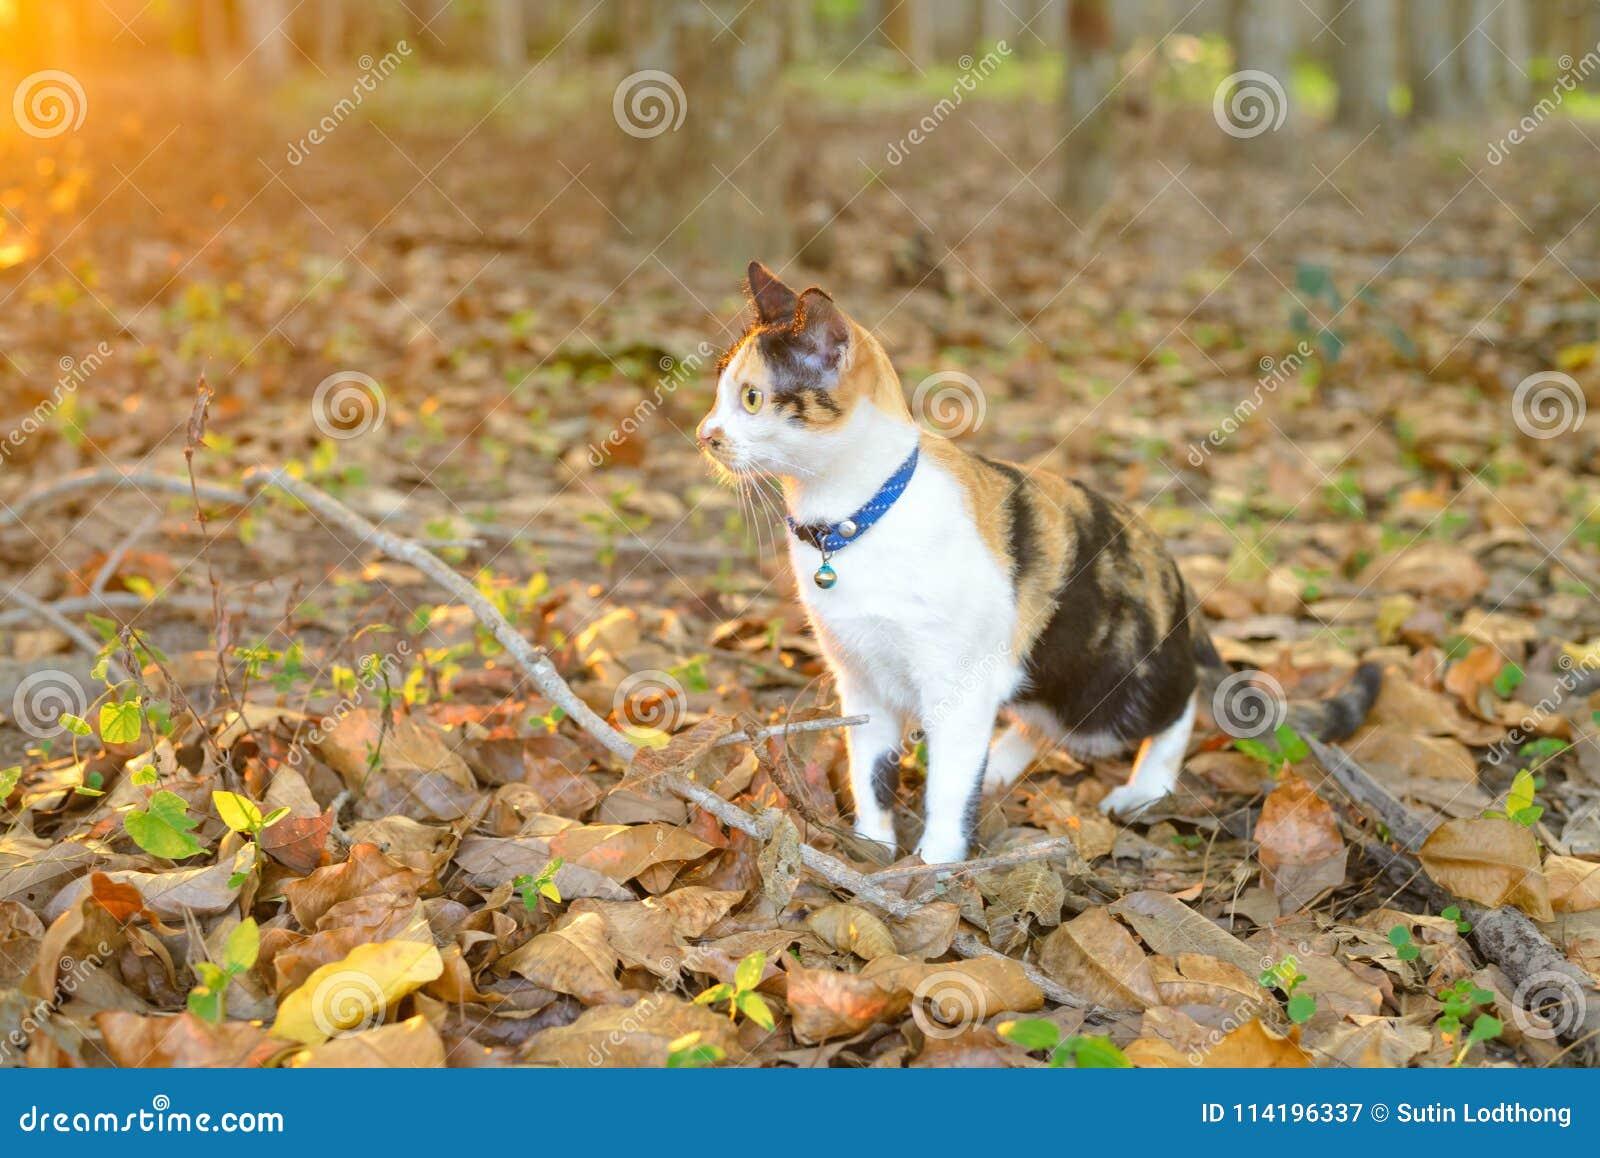 Μια γάτα στο δάσος